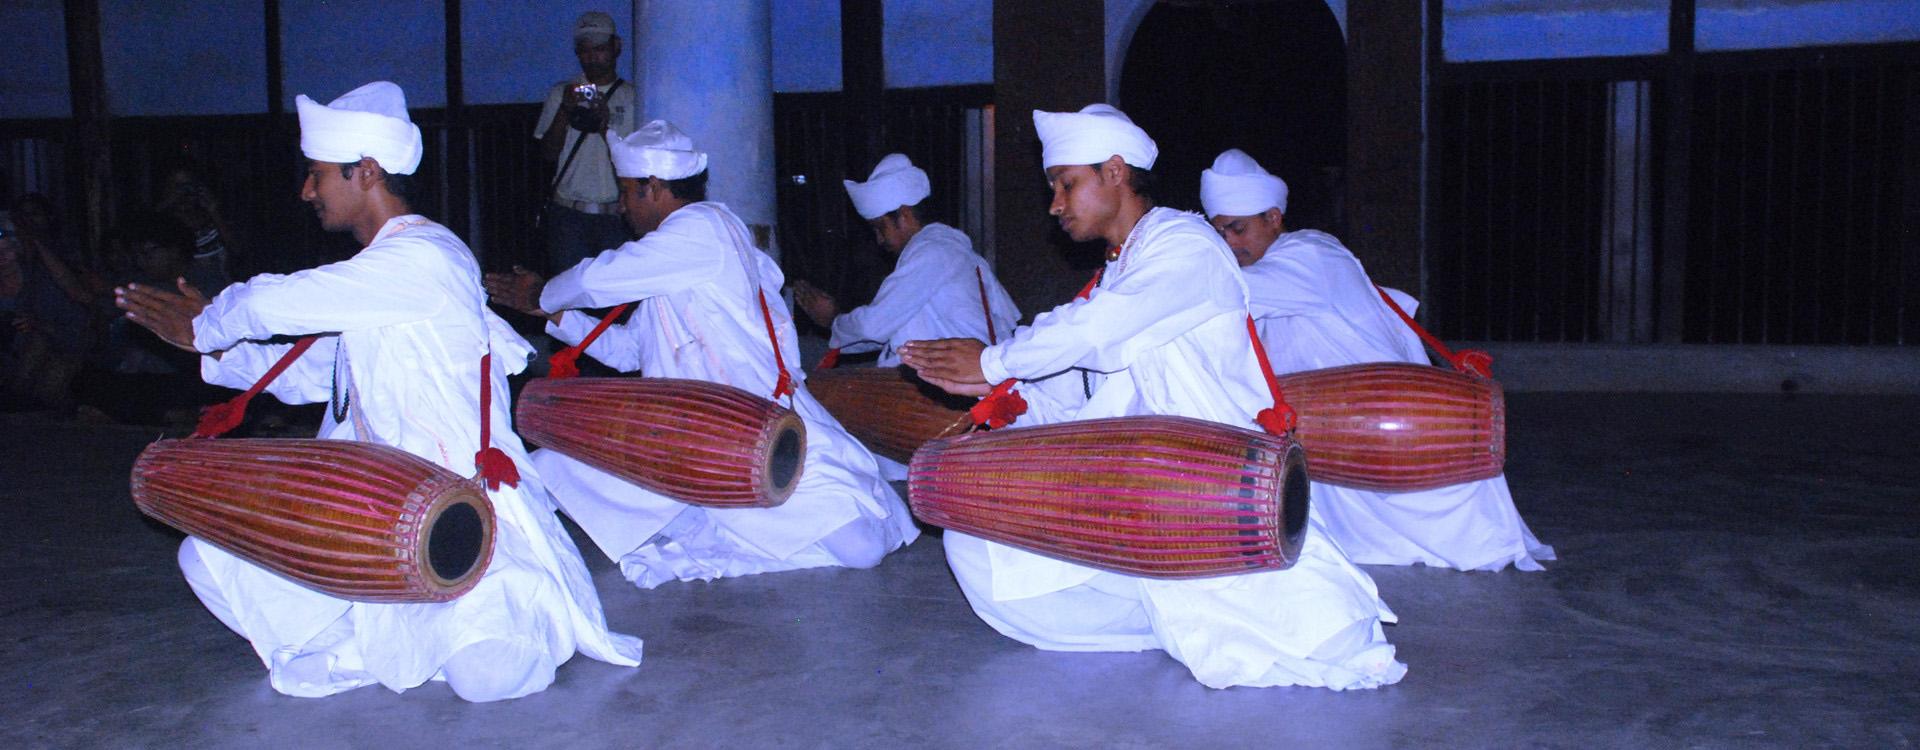 Monk in Mazuli